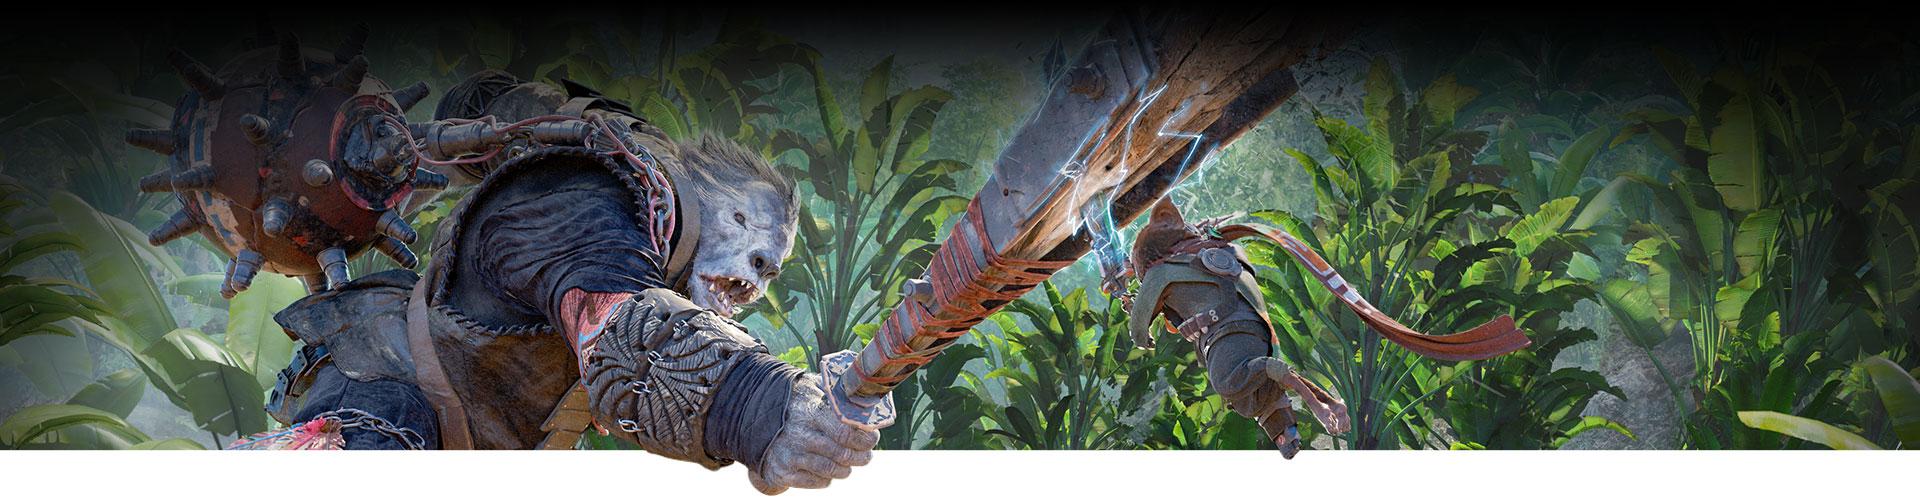 Ein großes Monster schwingt eine riesige Fledermaus gegen einen mutierten Charakter.